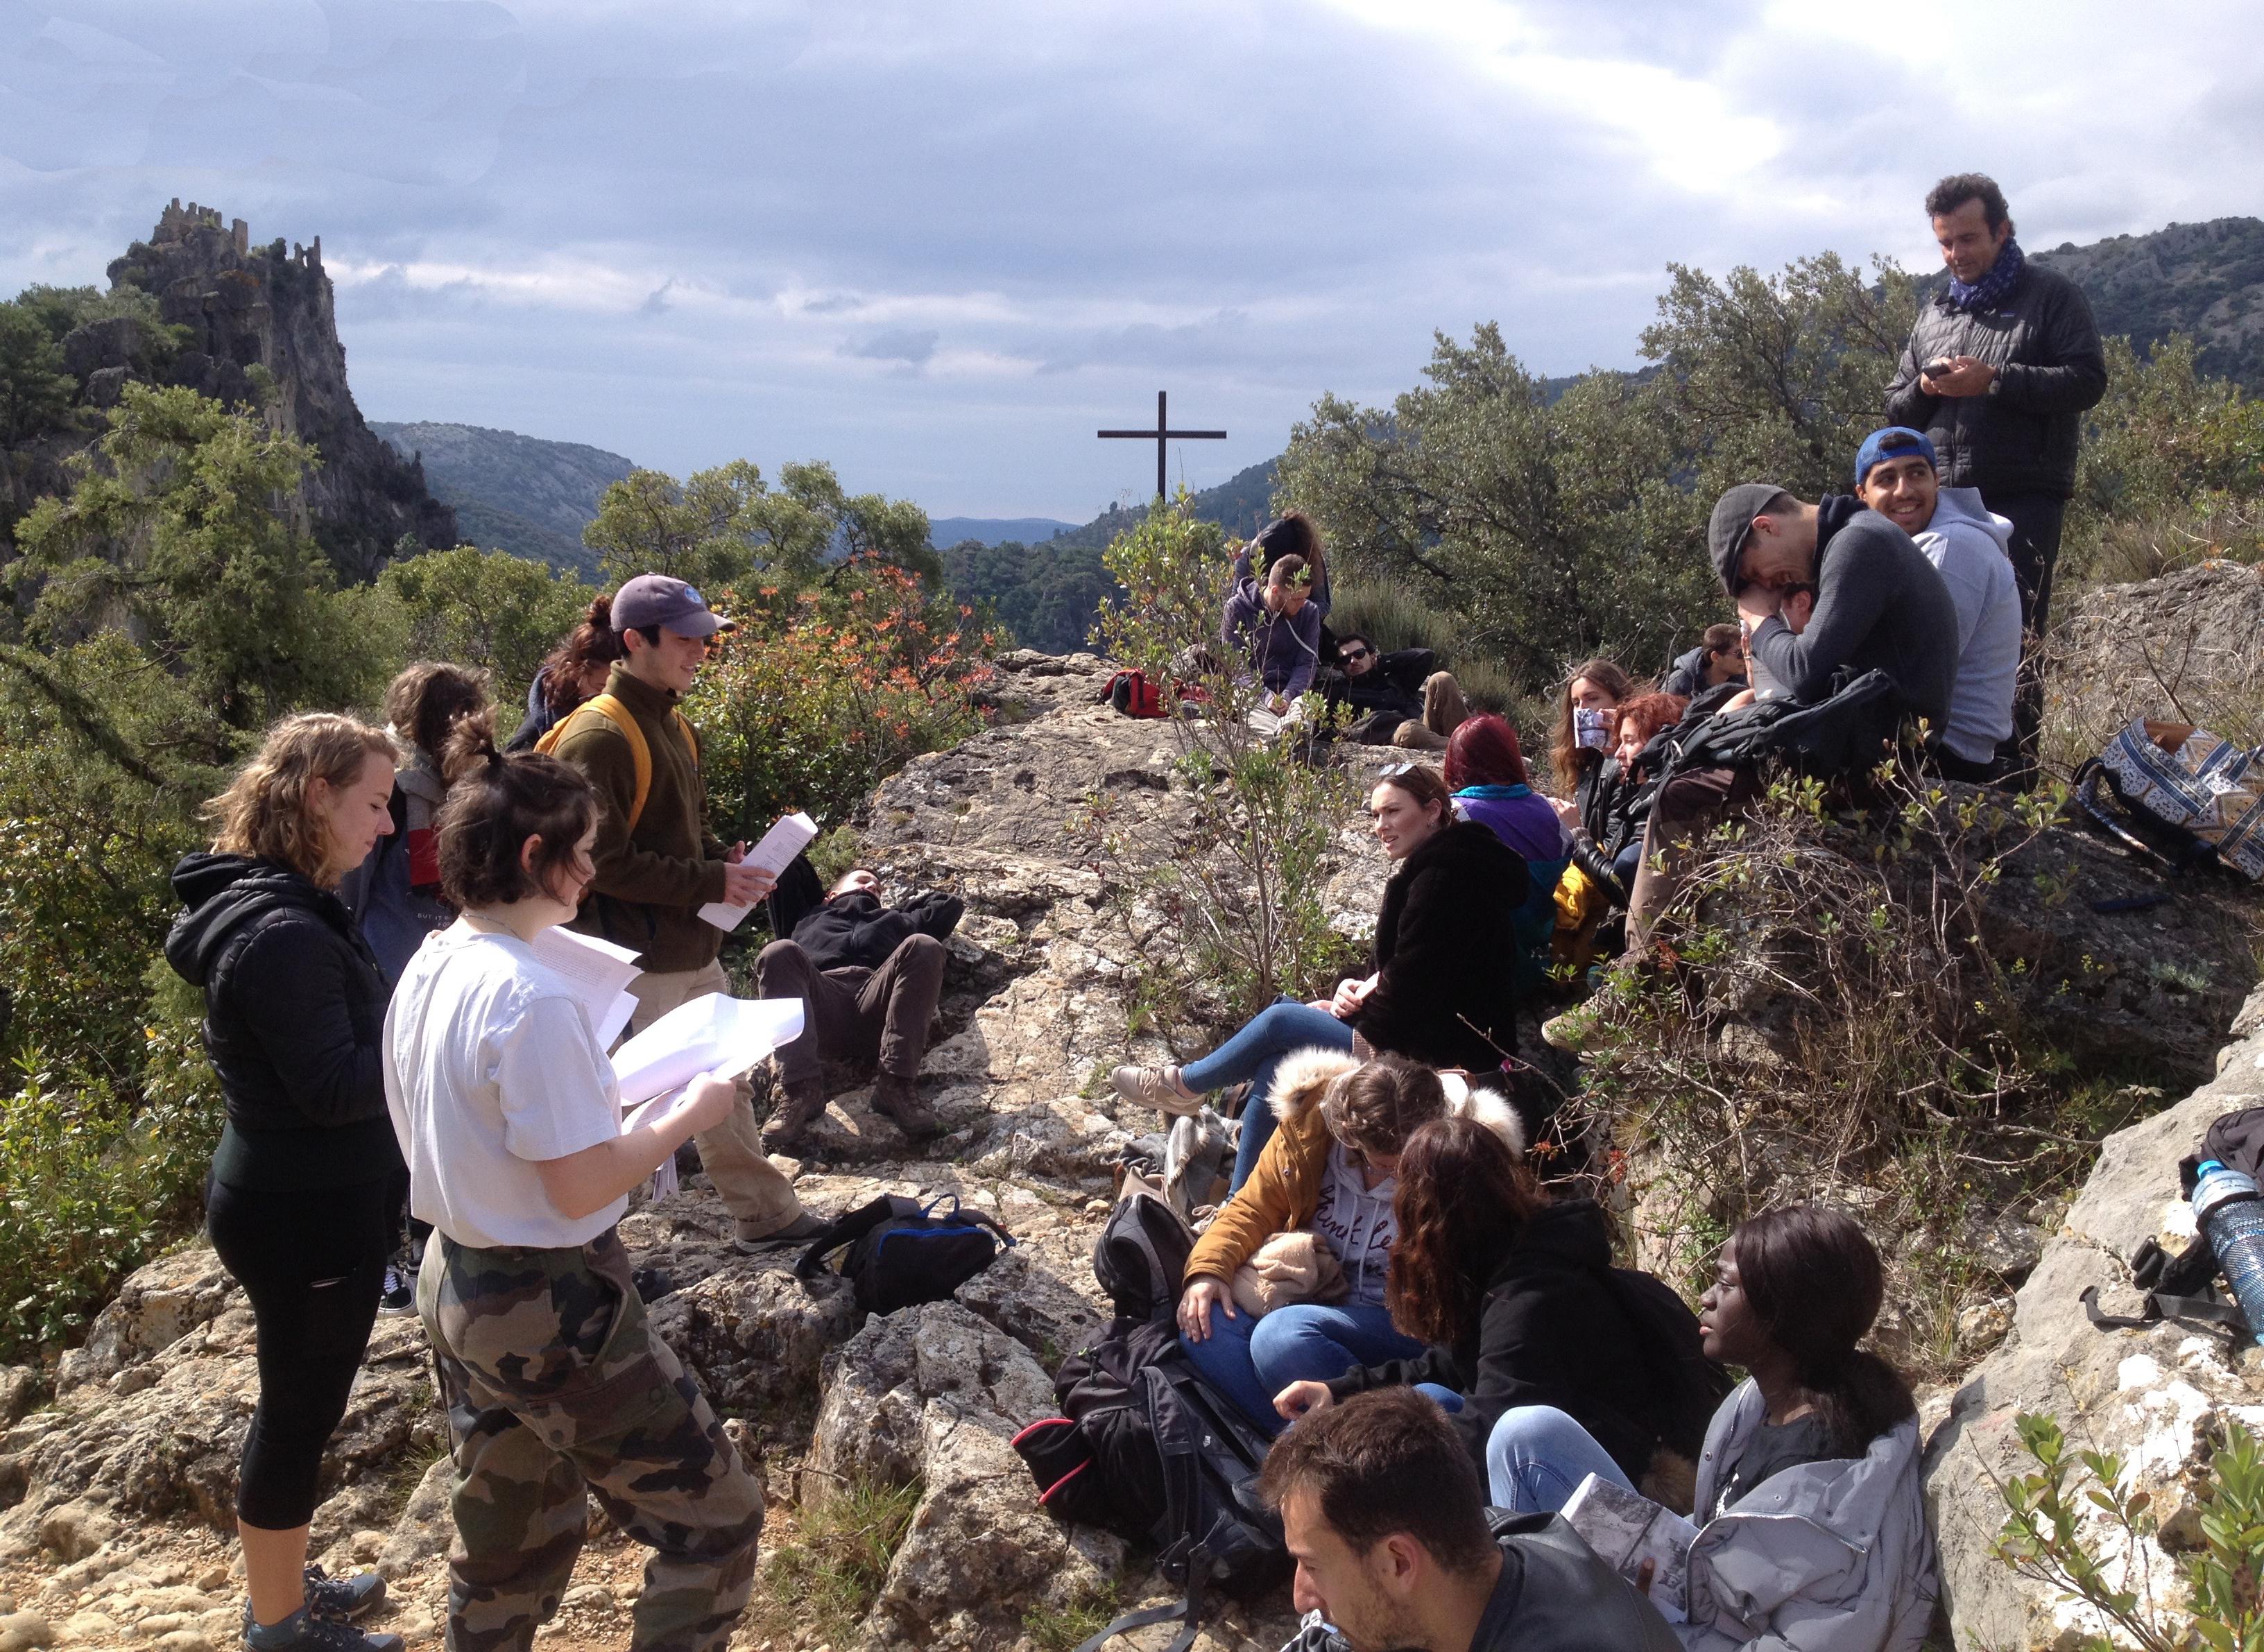 Cours-diderot-formations-superieures-bts-bachelor-master-lille-paris-toulouse-lyon-montpellier-marseille-aix-en-provence-nice-gestion-et-protection-de-la-nature-sortie-terrain-tourisme-saint-guilhem-le-desert